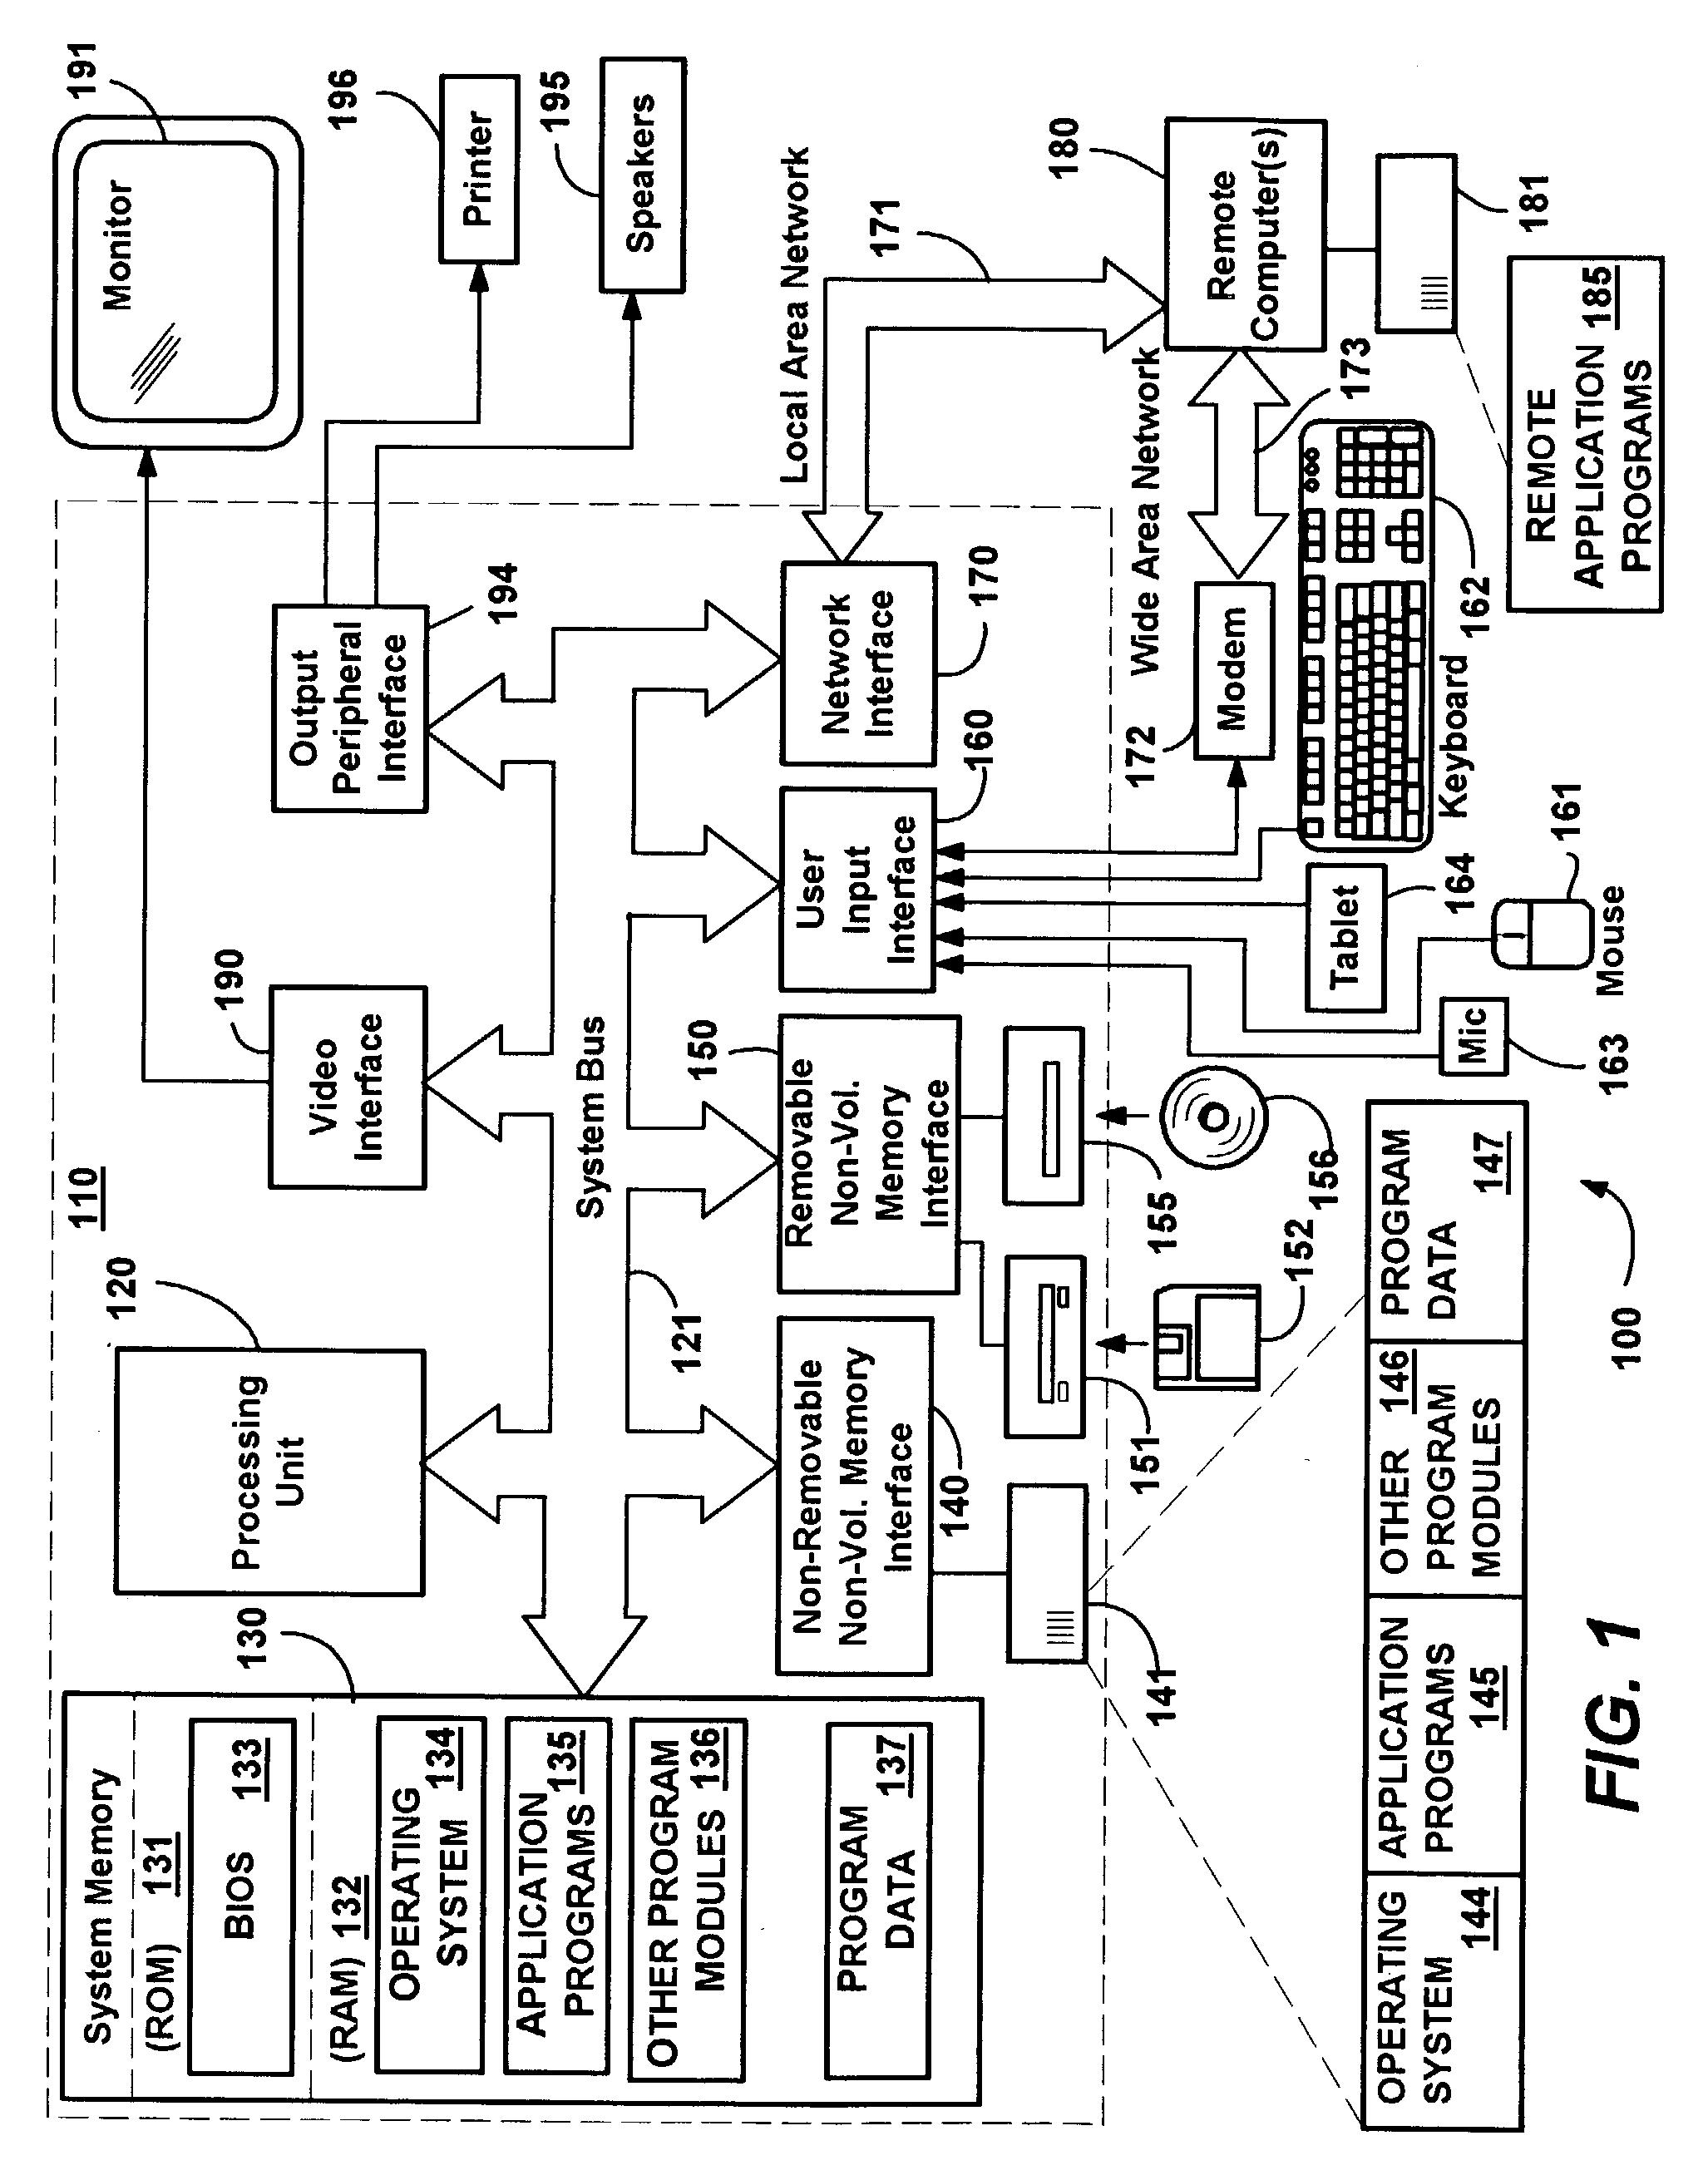 [SCHEMATICS_48IS]  RA_6992] Car Alarm Wiring Diagram In Addition Car Alarm System Wiring  Diagram Wiring Diagram | Laserline Car Alarm Wiring Diagram |  | Onica Venet Mohammedshrine Librar Wiring 101